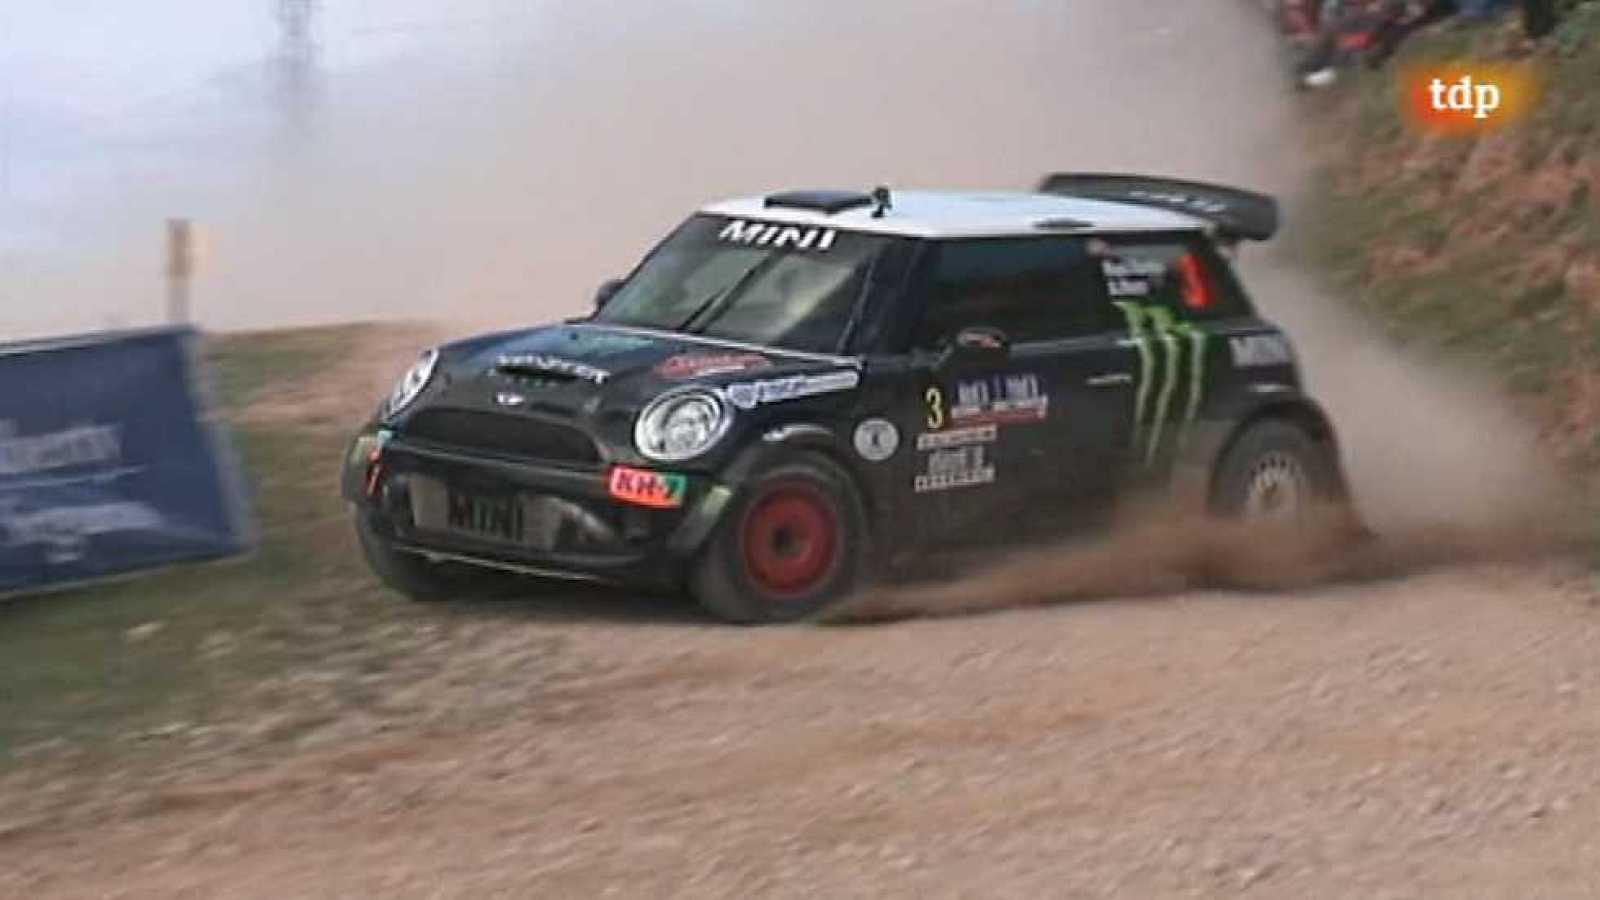 Automovilismo - Campeonato de España Rallys de Tierra: Rallye de Navarra - ver ahora